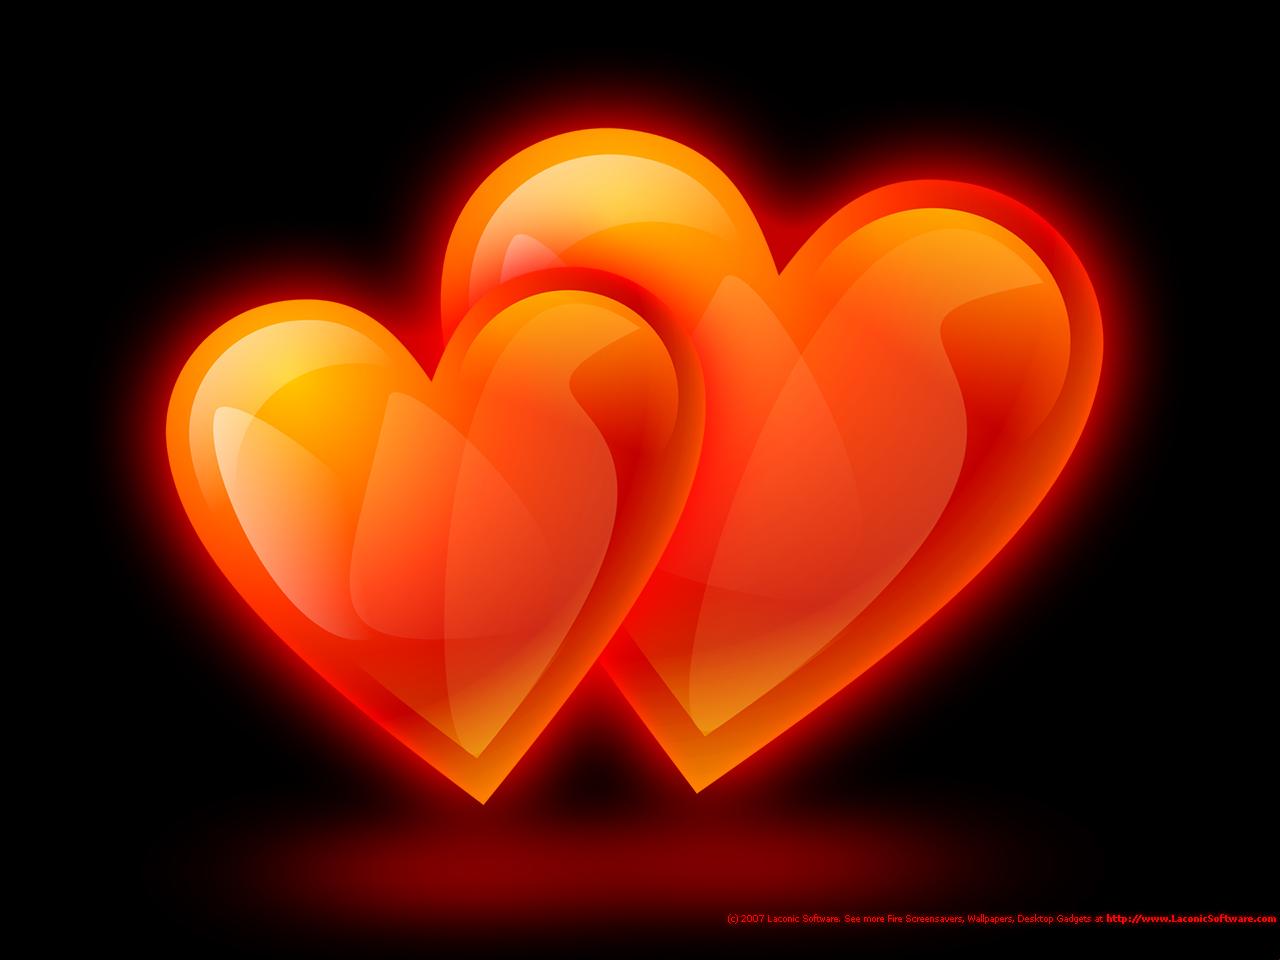 cinta anda kepada kekasih dengan cara memberikan pantun cinta yang